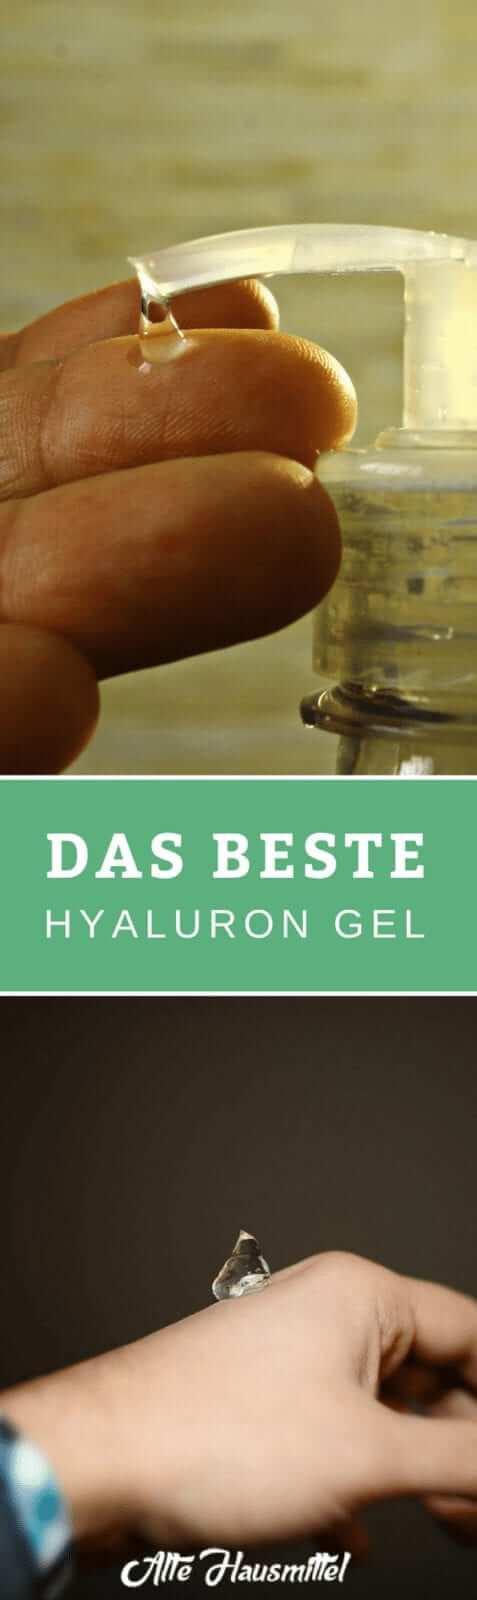 Die besten Hyaluron Gele im Test & Vergleich